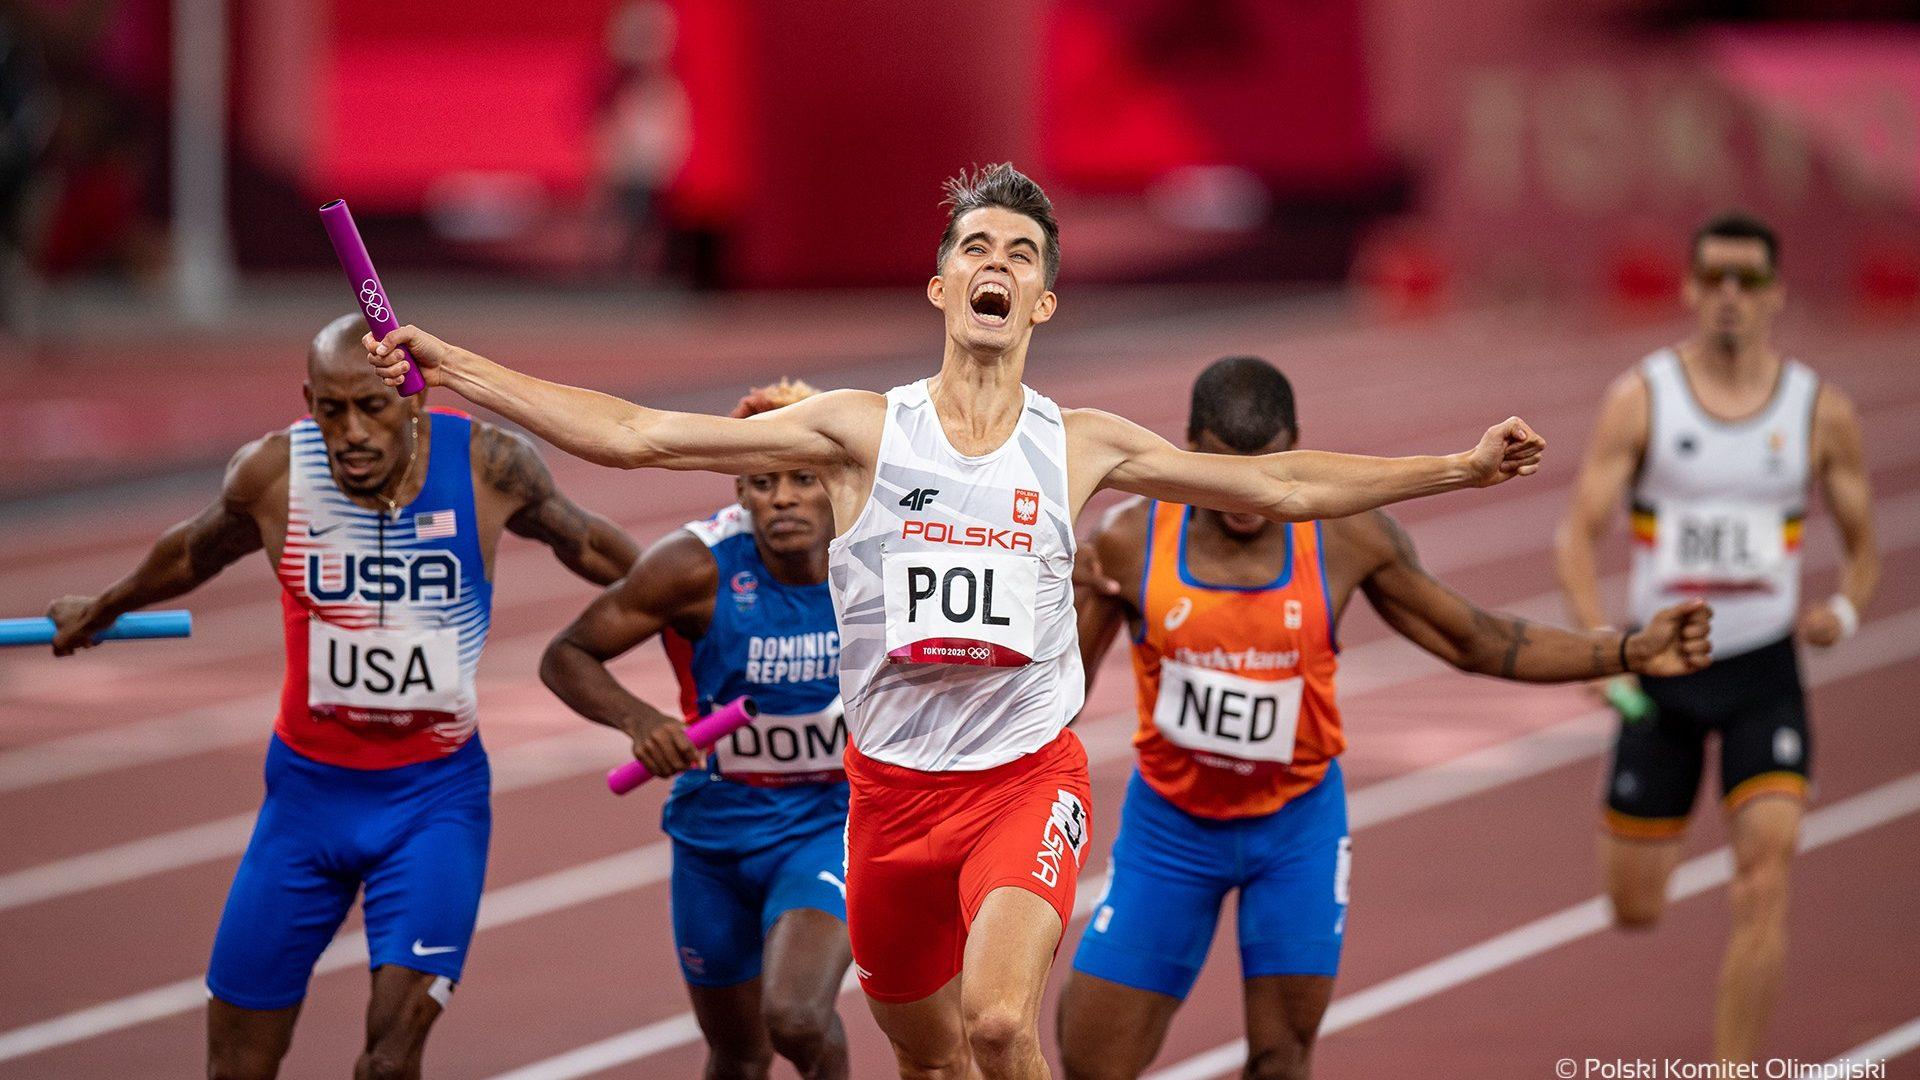 Kajetan Duszyński crossing the finish line in the mixed 4x400m relay, Photo by Marek Biczyk PKOL